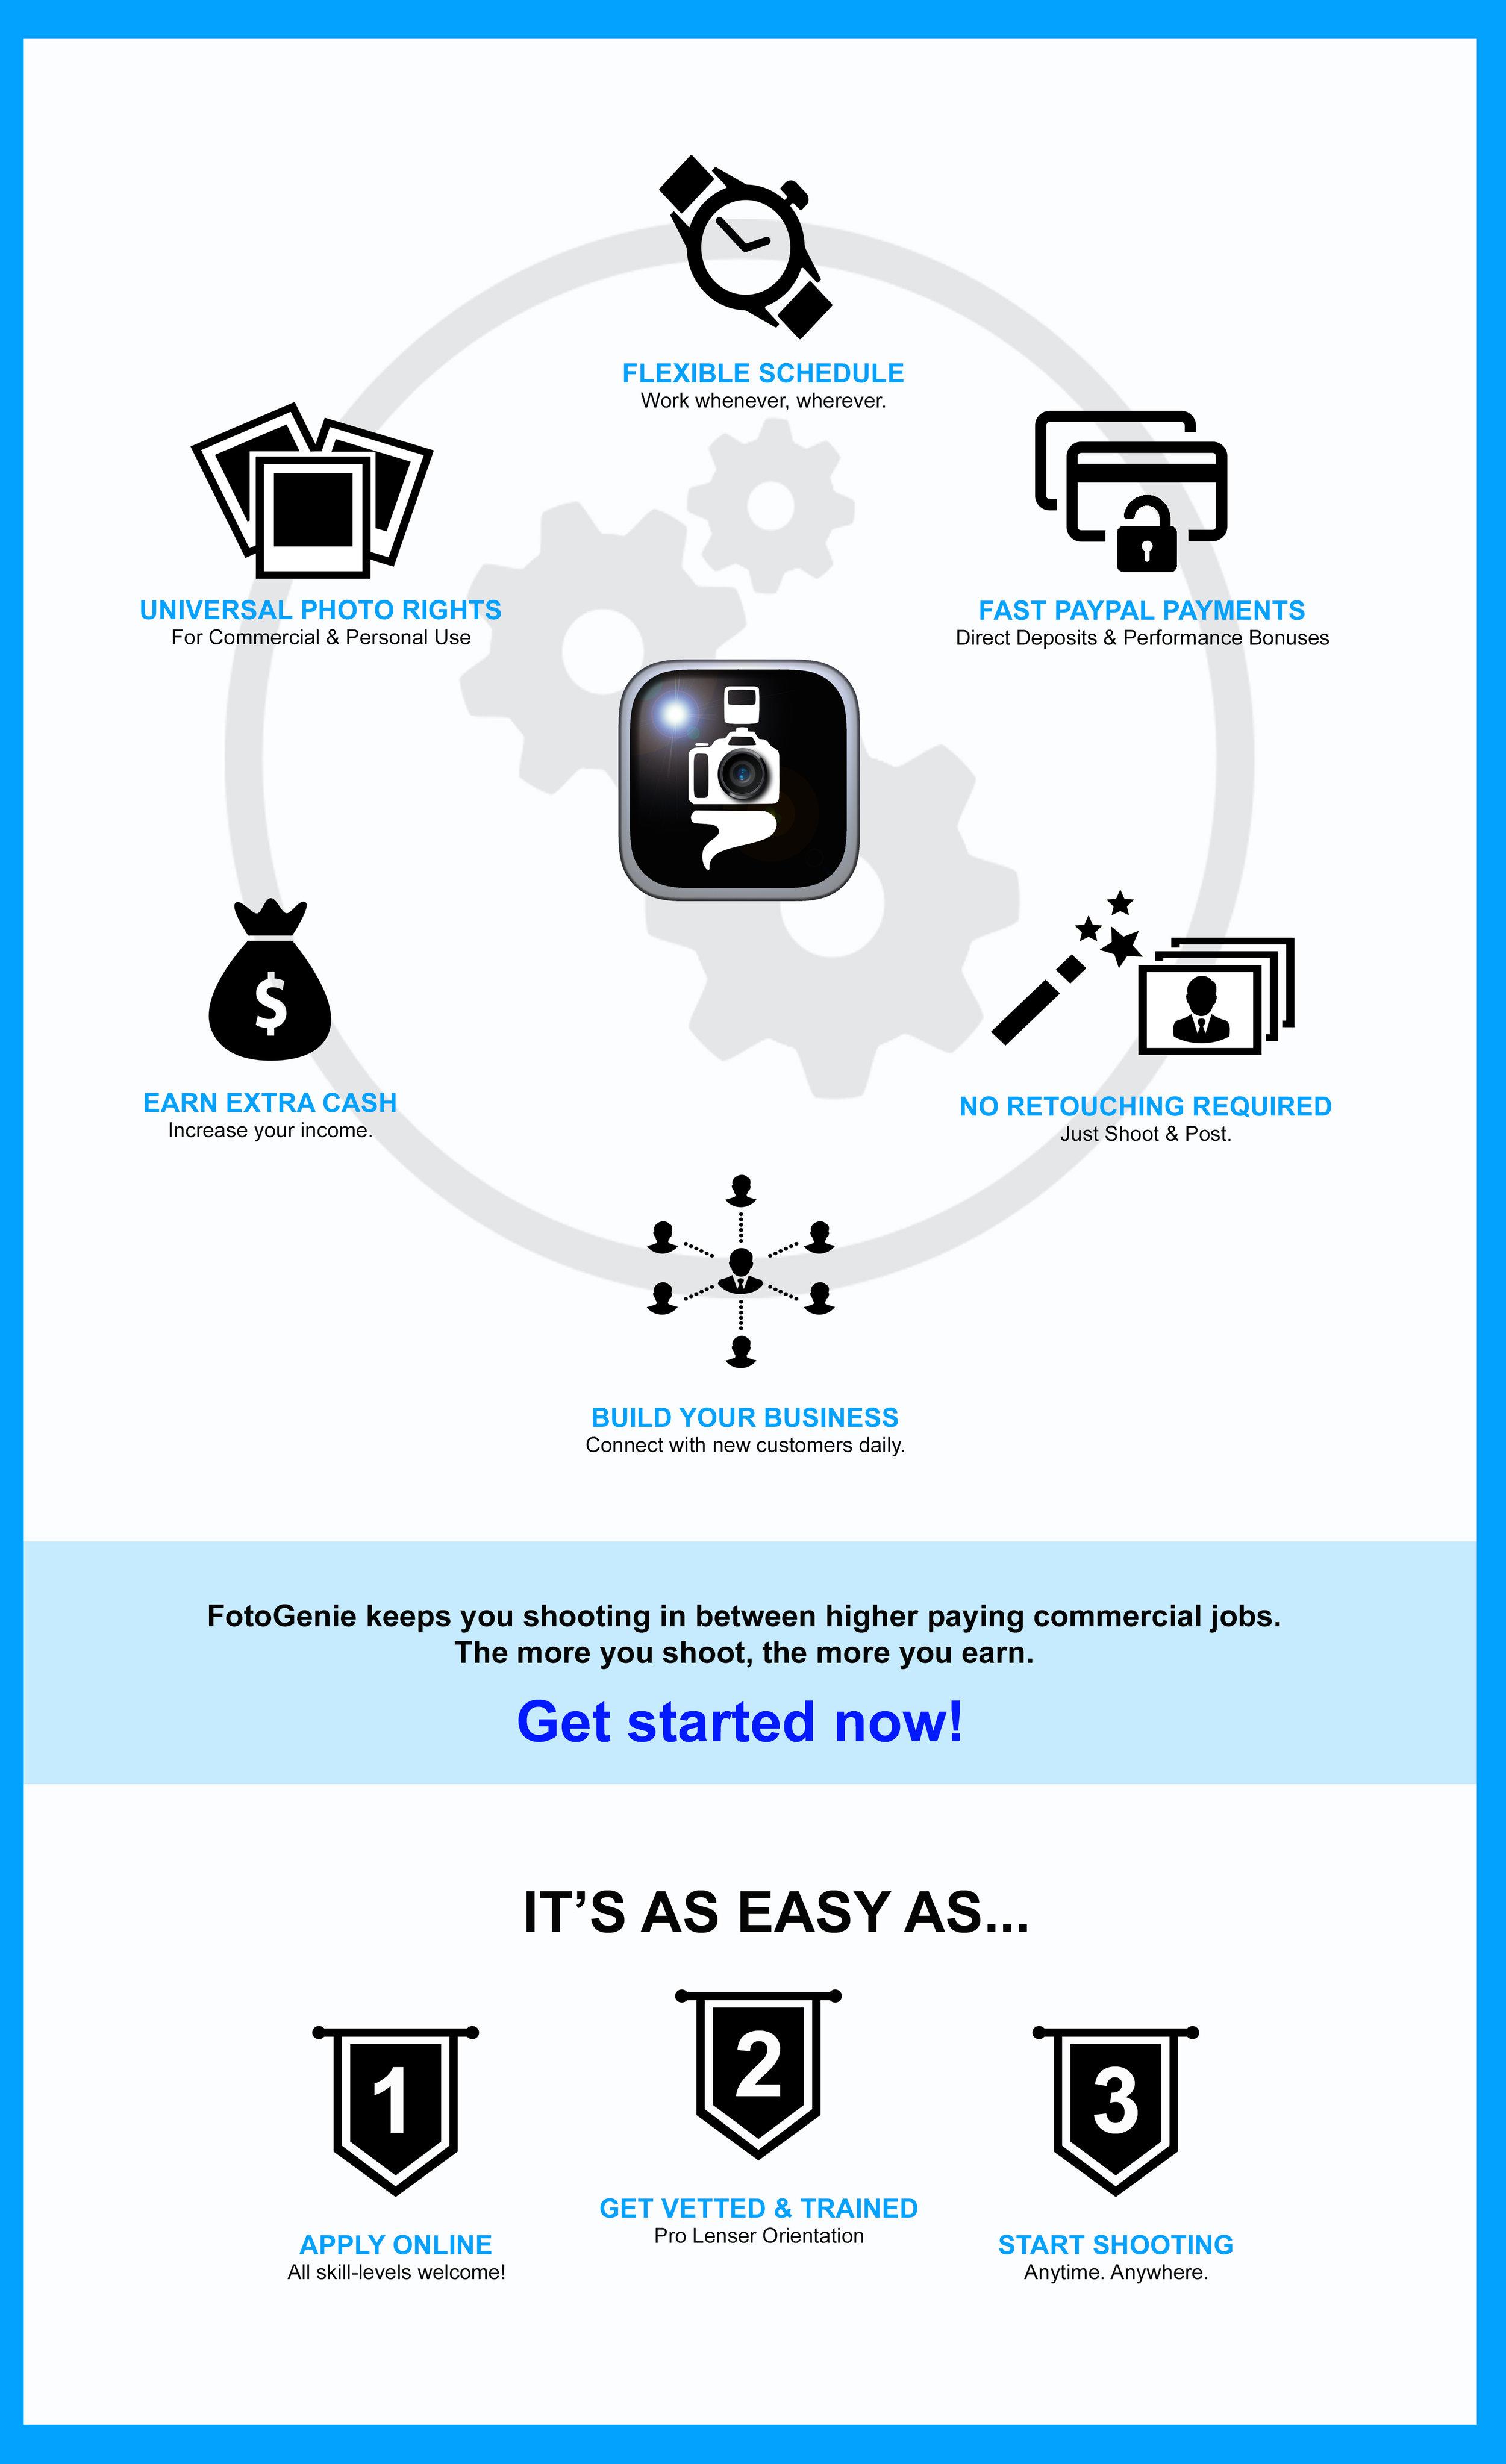 Become A Pro Lenser Flow Chart.jpg